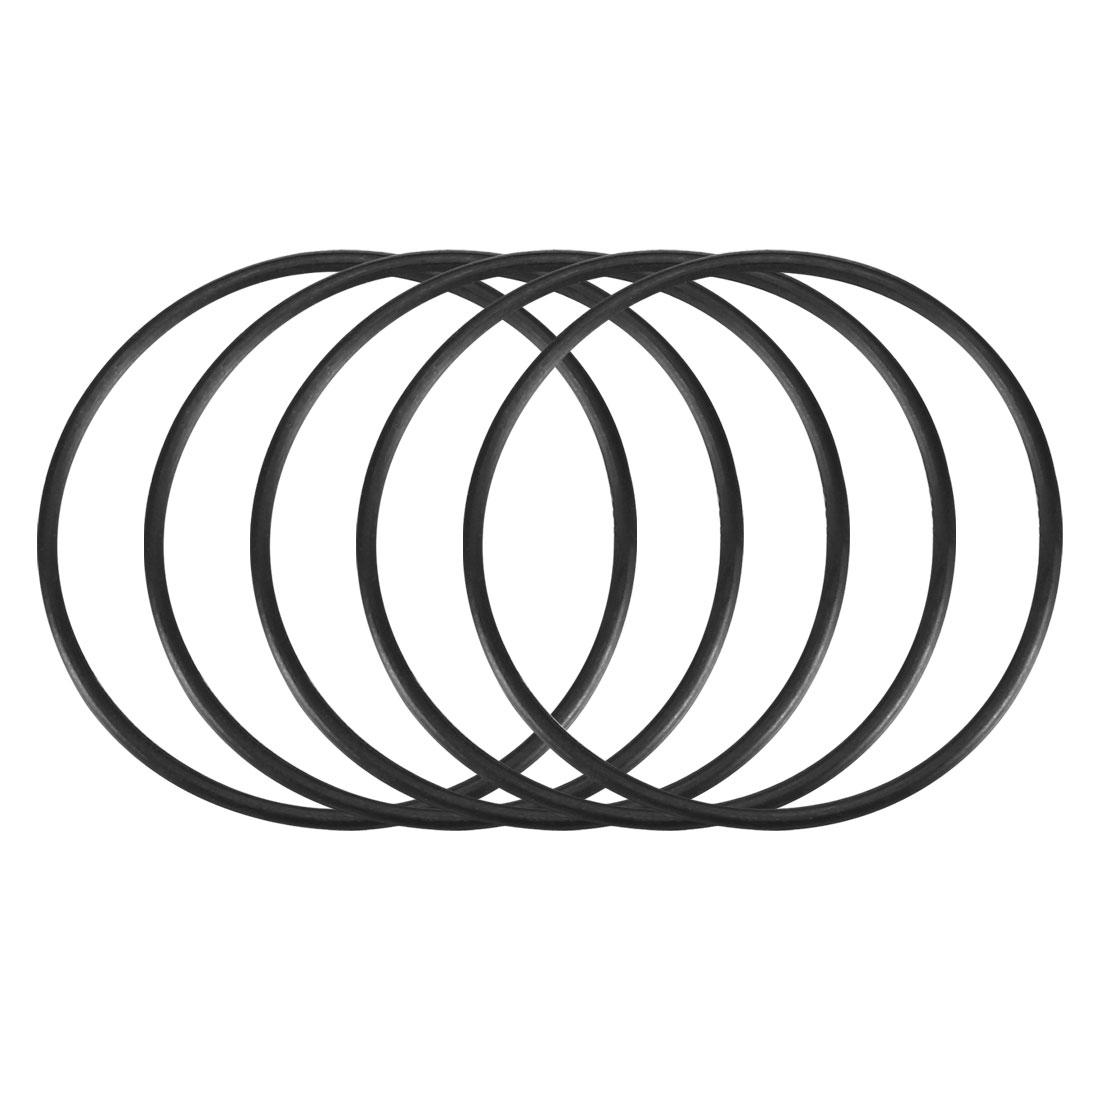 5pcs Black Nitrile Butadiene Rubber NBR O-Ring 23.5mm Inner Dia 1mm Width